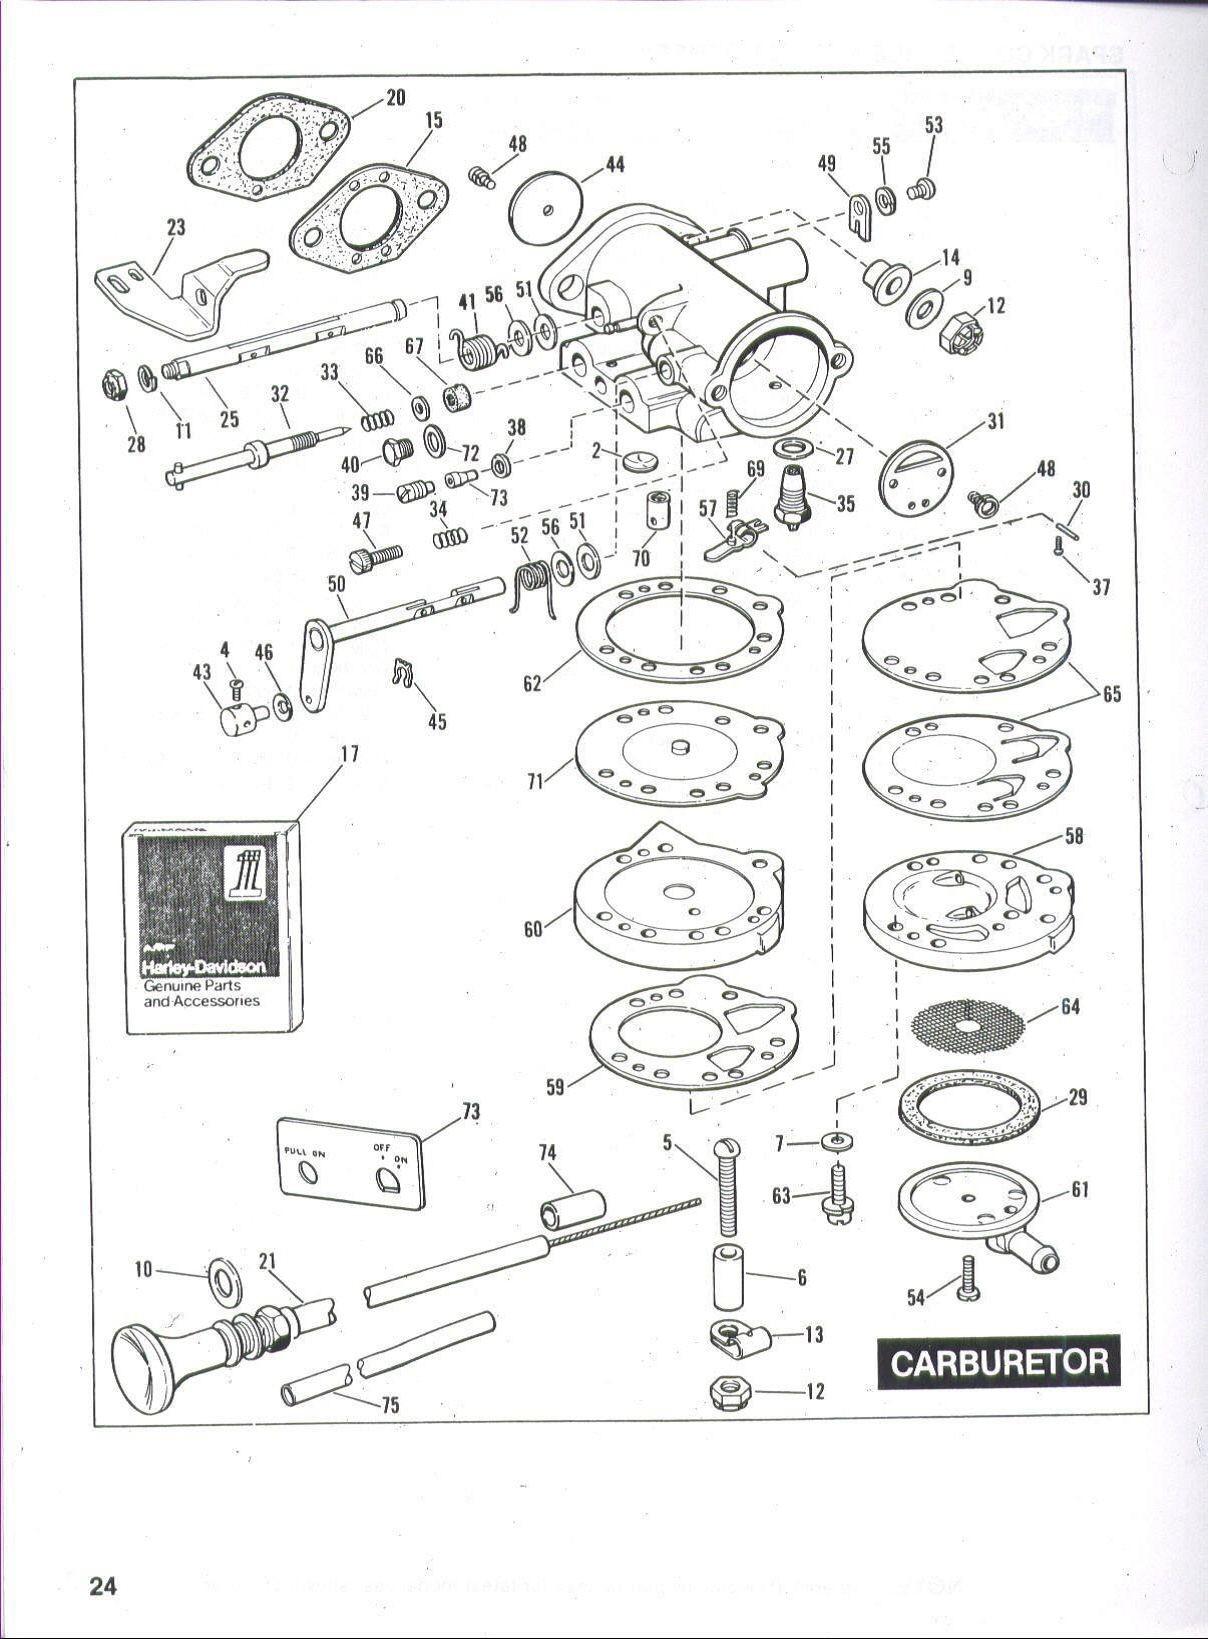 Parts Manual for Club Car Golf Cart Harley Davidson Golf Cart Carburetor  Diagram Utv Stuff Of